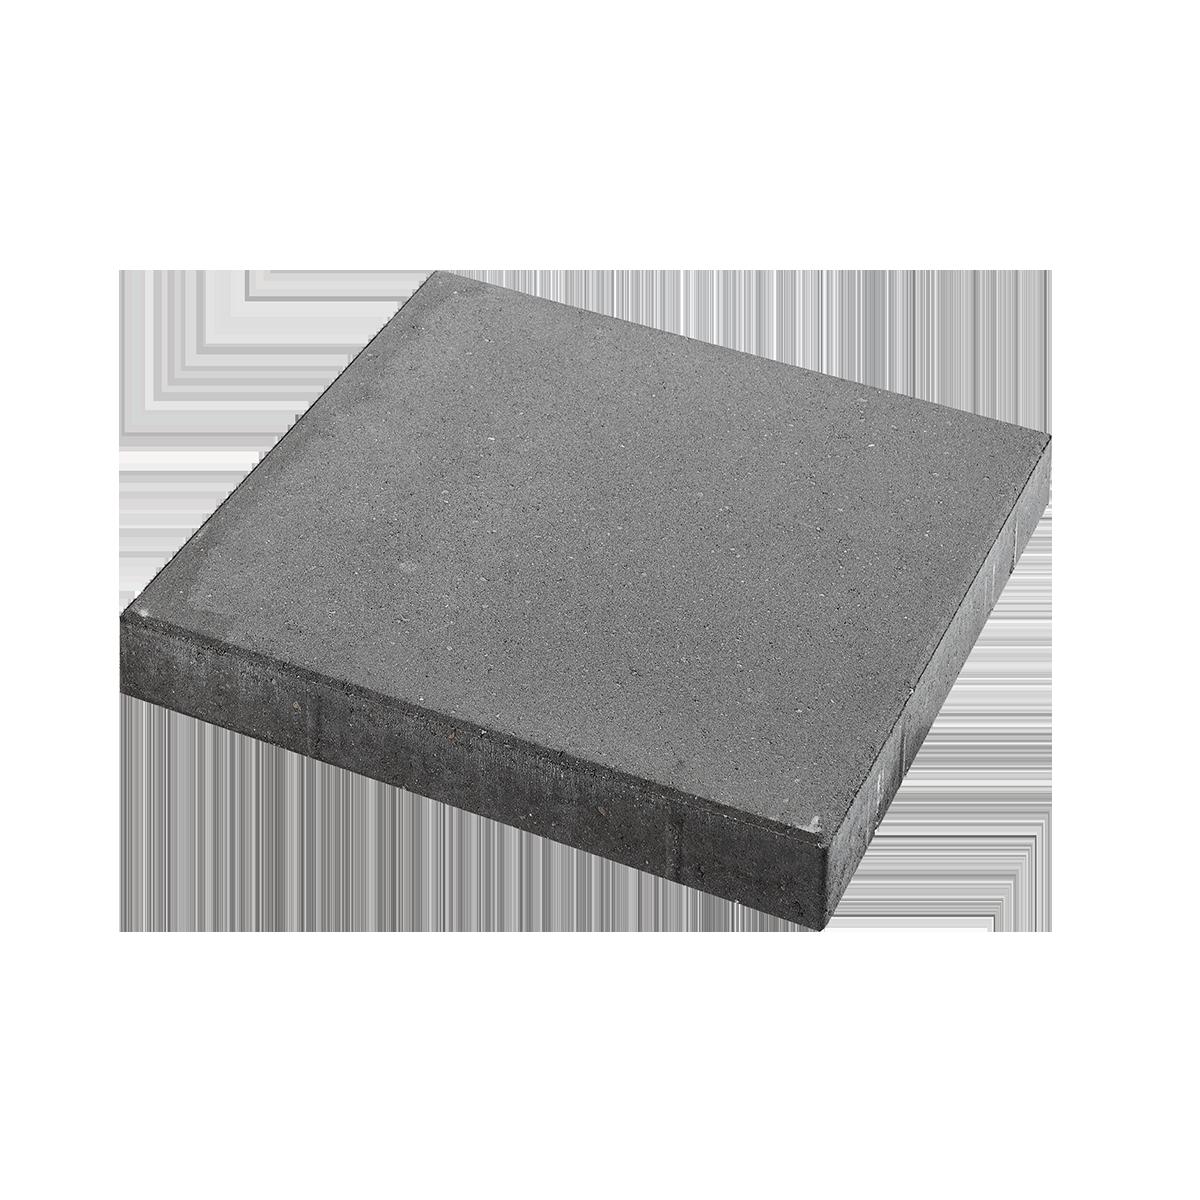 Fliser 50x50x6 cm Grå